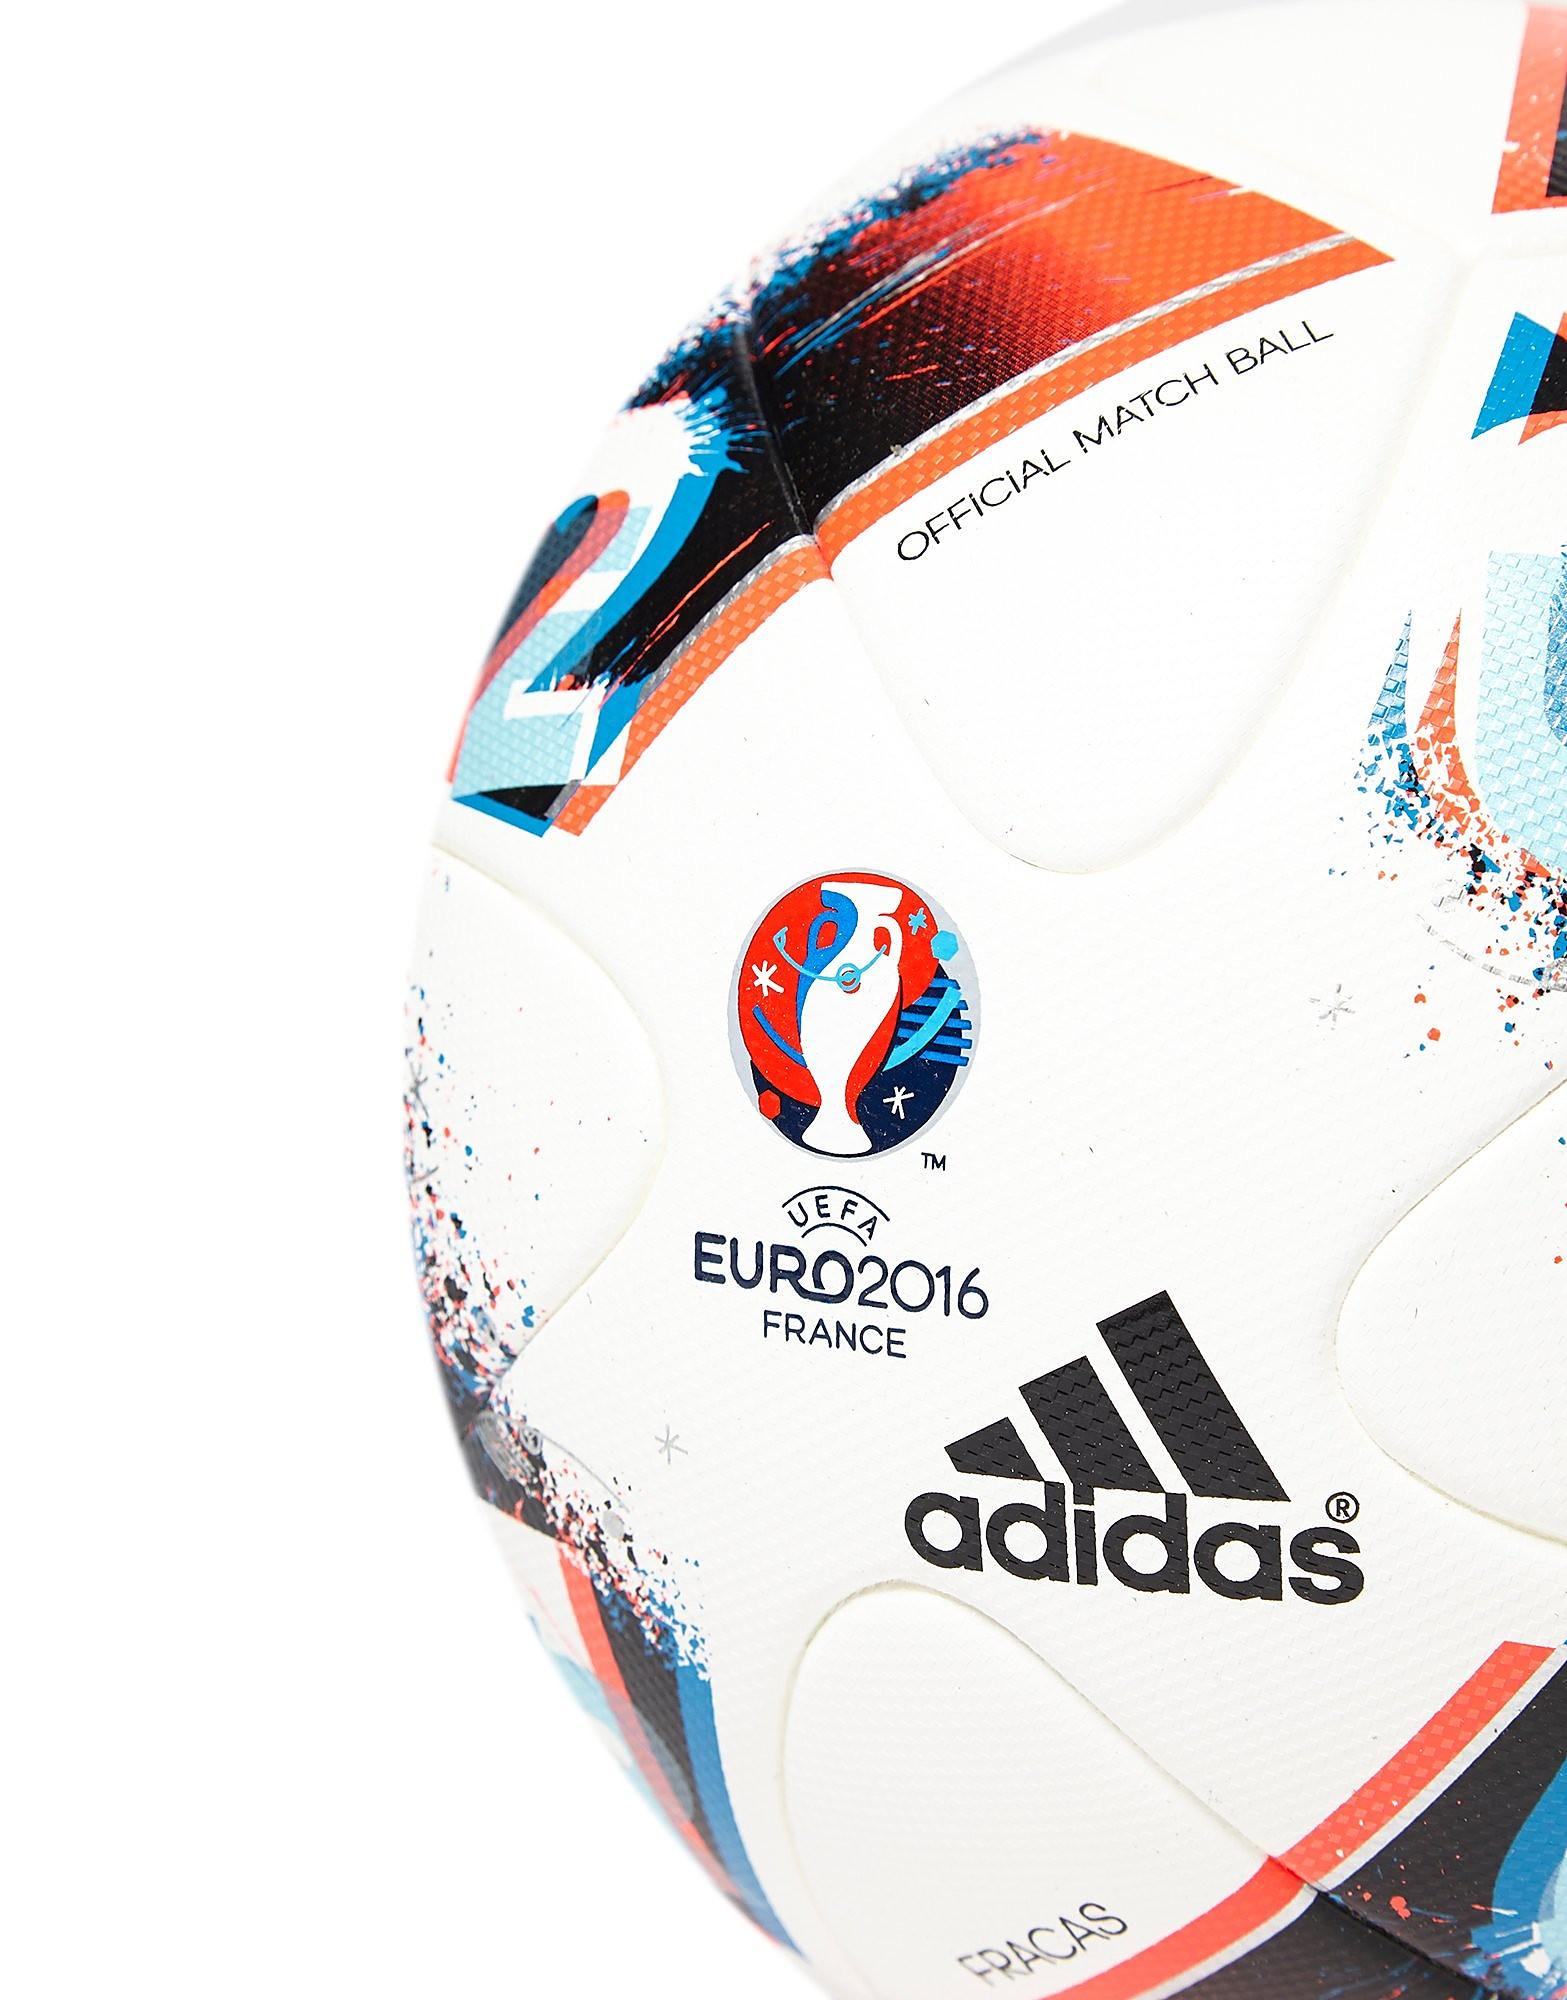 adidas Euro 2016 Finale offizieller Spielball